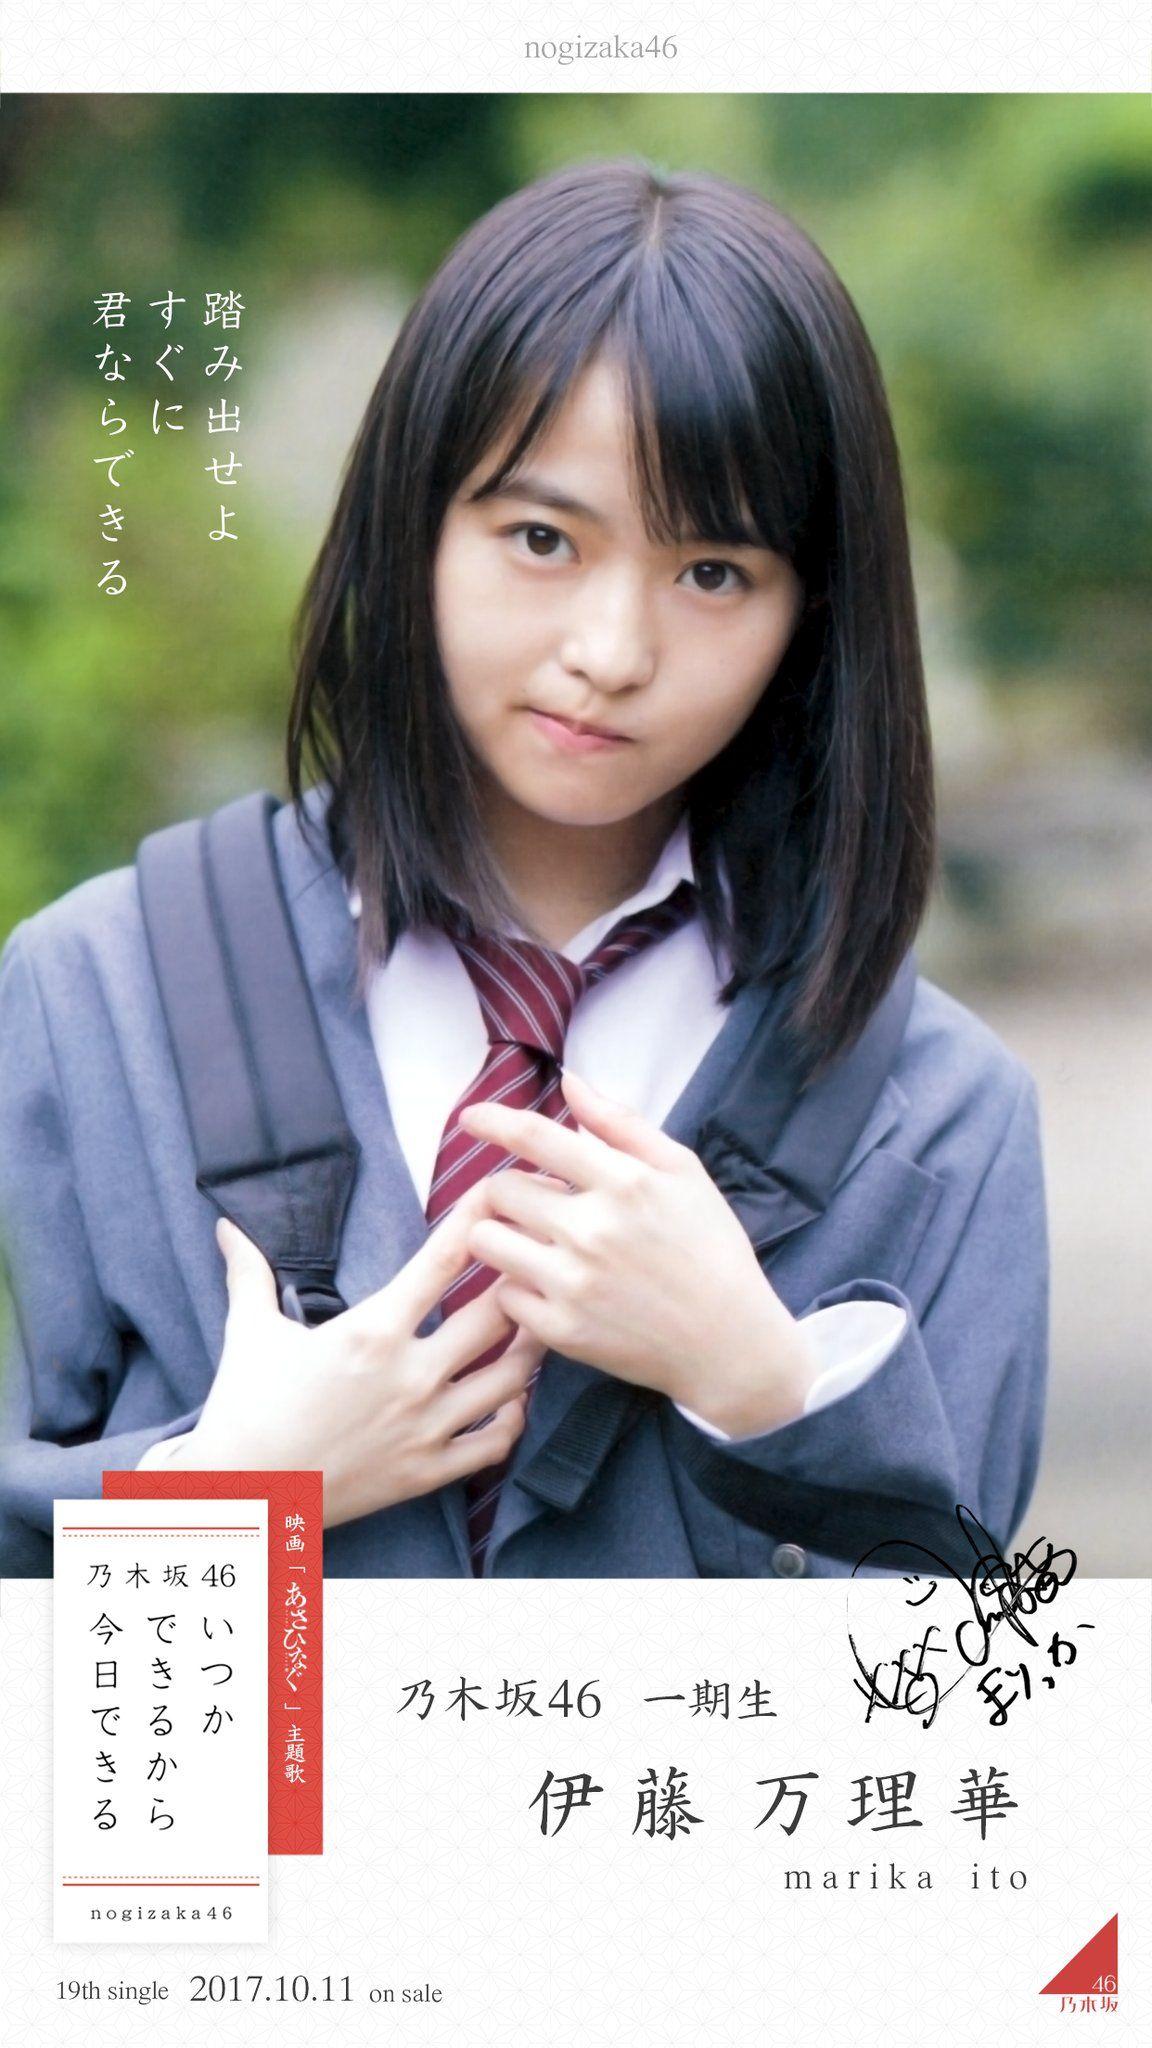 ボード Nogizaka46 乃木坂46 のピン